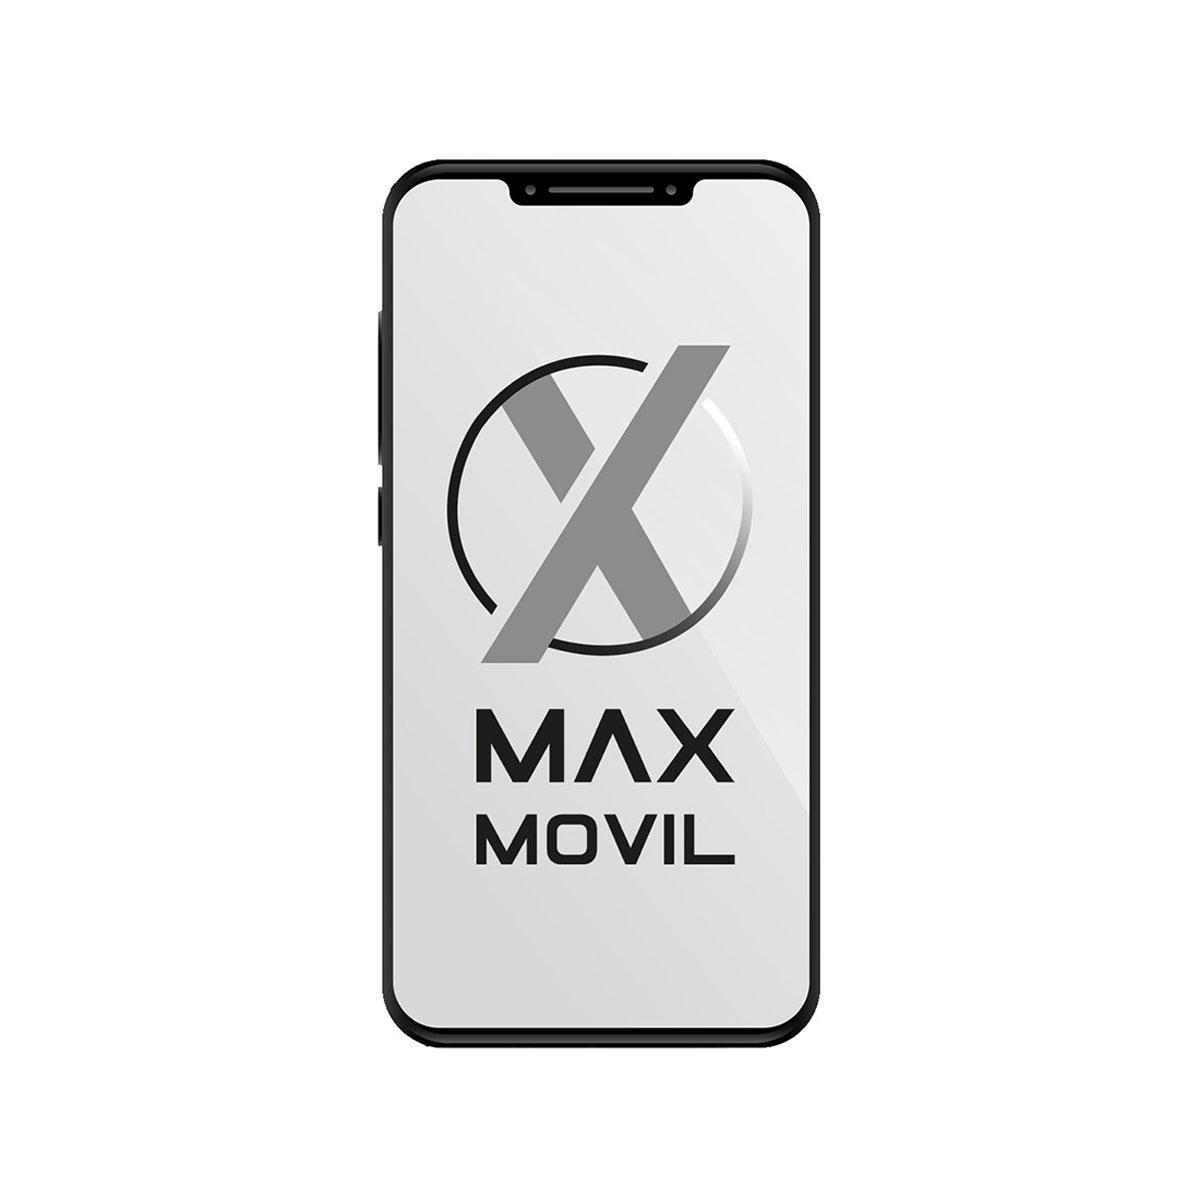 Telefono movil Iphone 6 Plus 128Gb space grey CPO ECORECICLADO GRADO A